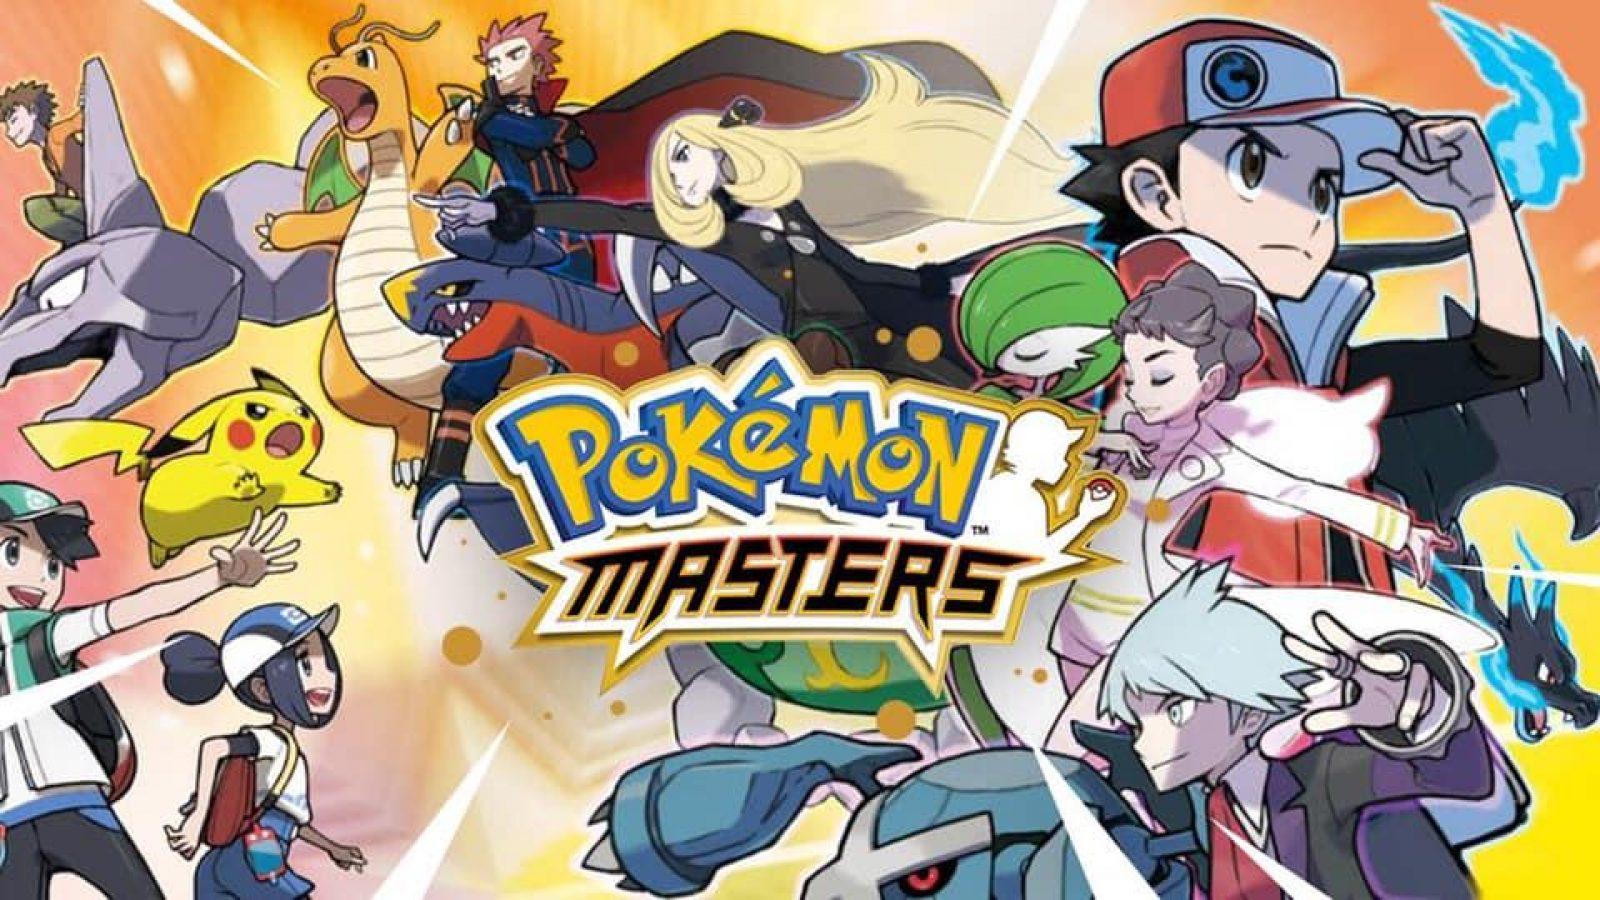 [Mobile] The Pokémon Company promete novas informações de Pokémon Masters nesta semana através de Livestream